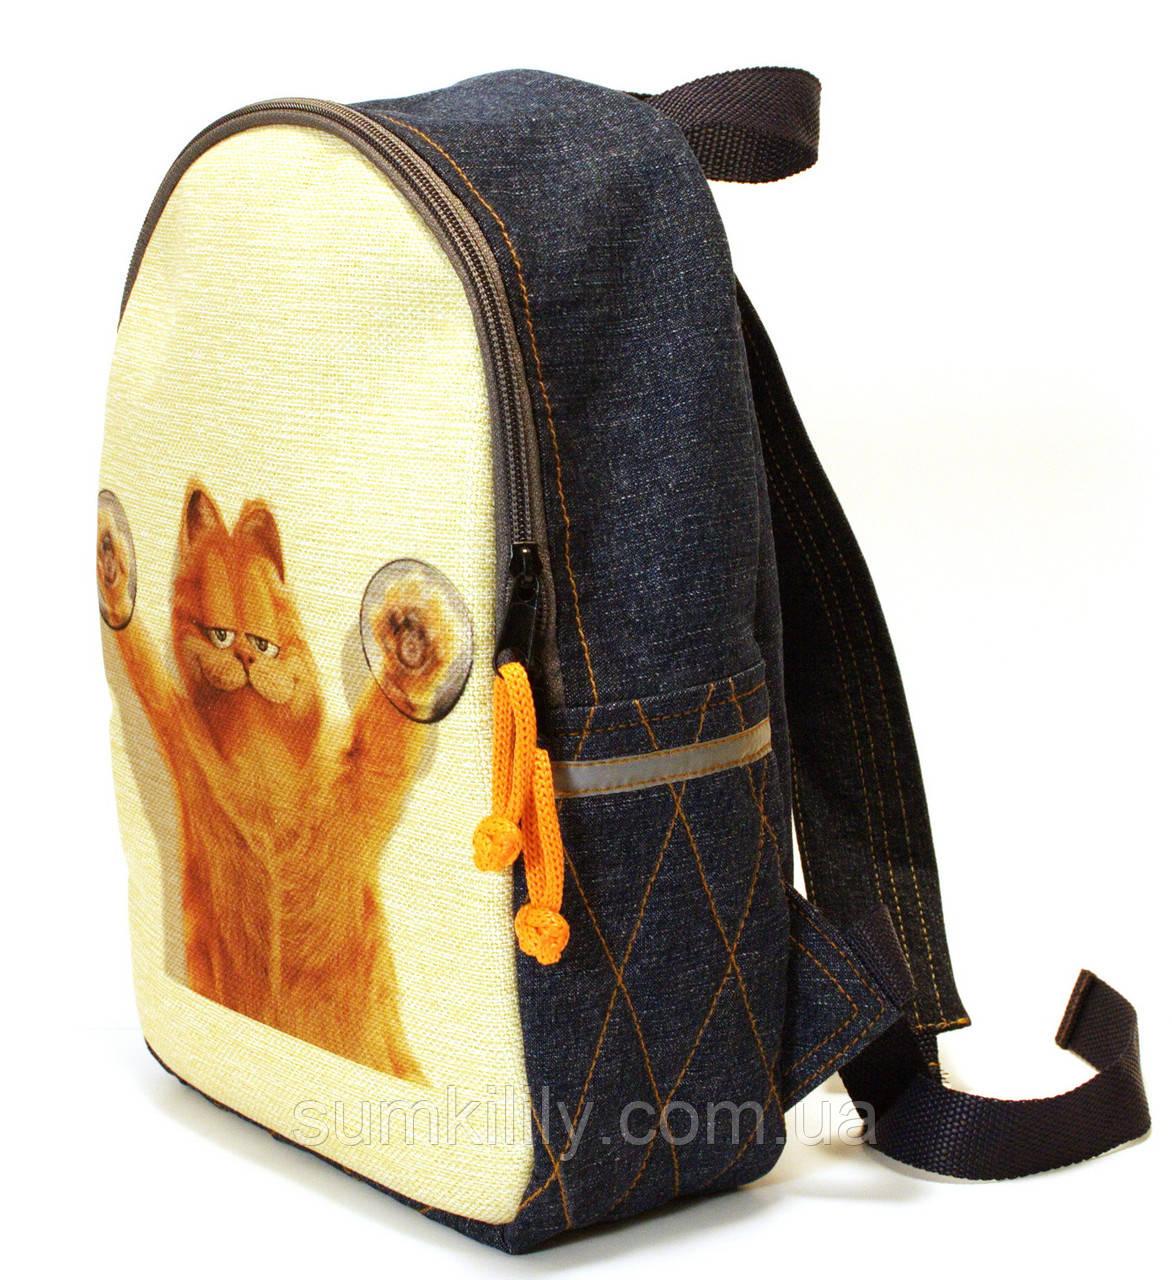 Детские рюкзаки гарфилд 27110 орифлейм рюкзак отзывы